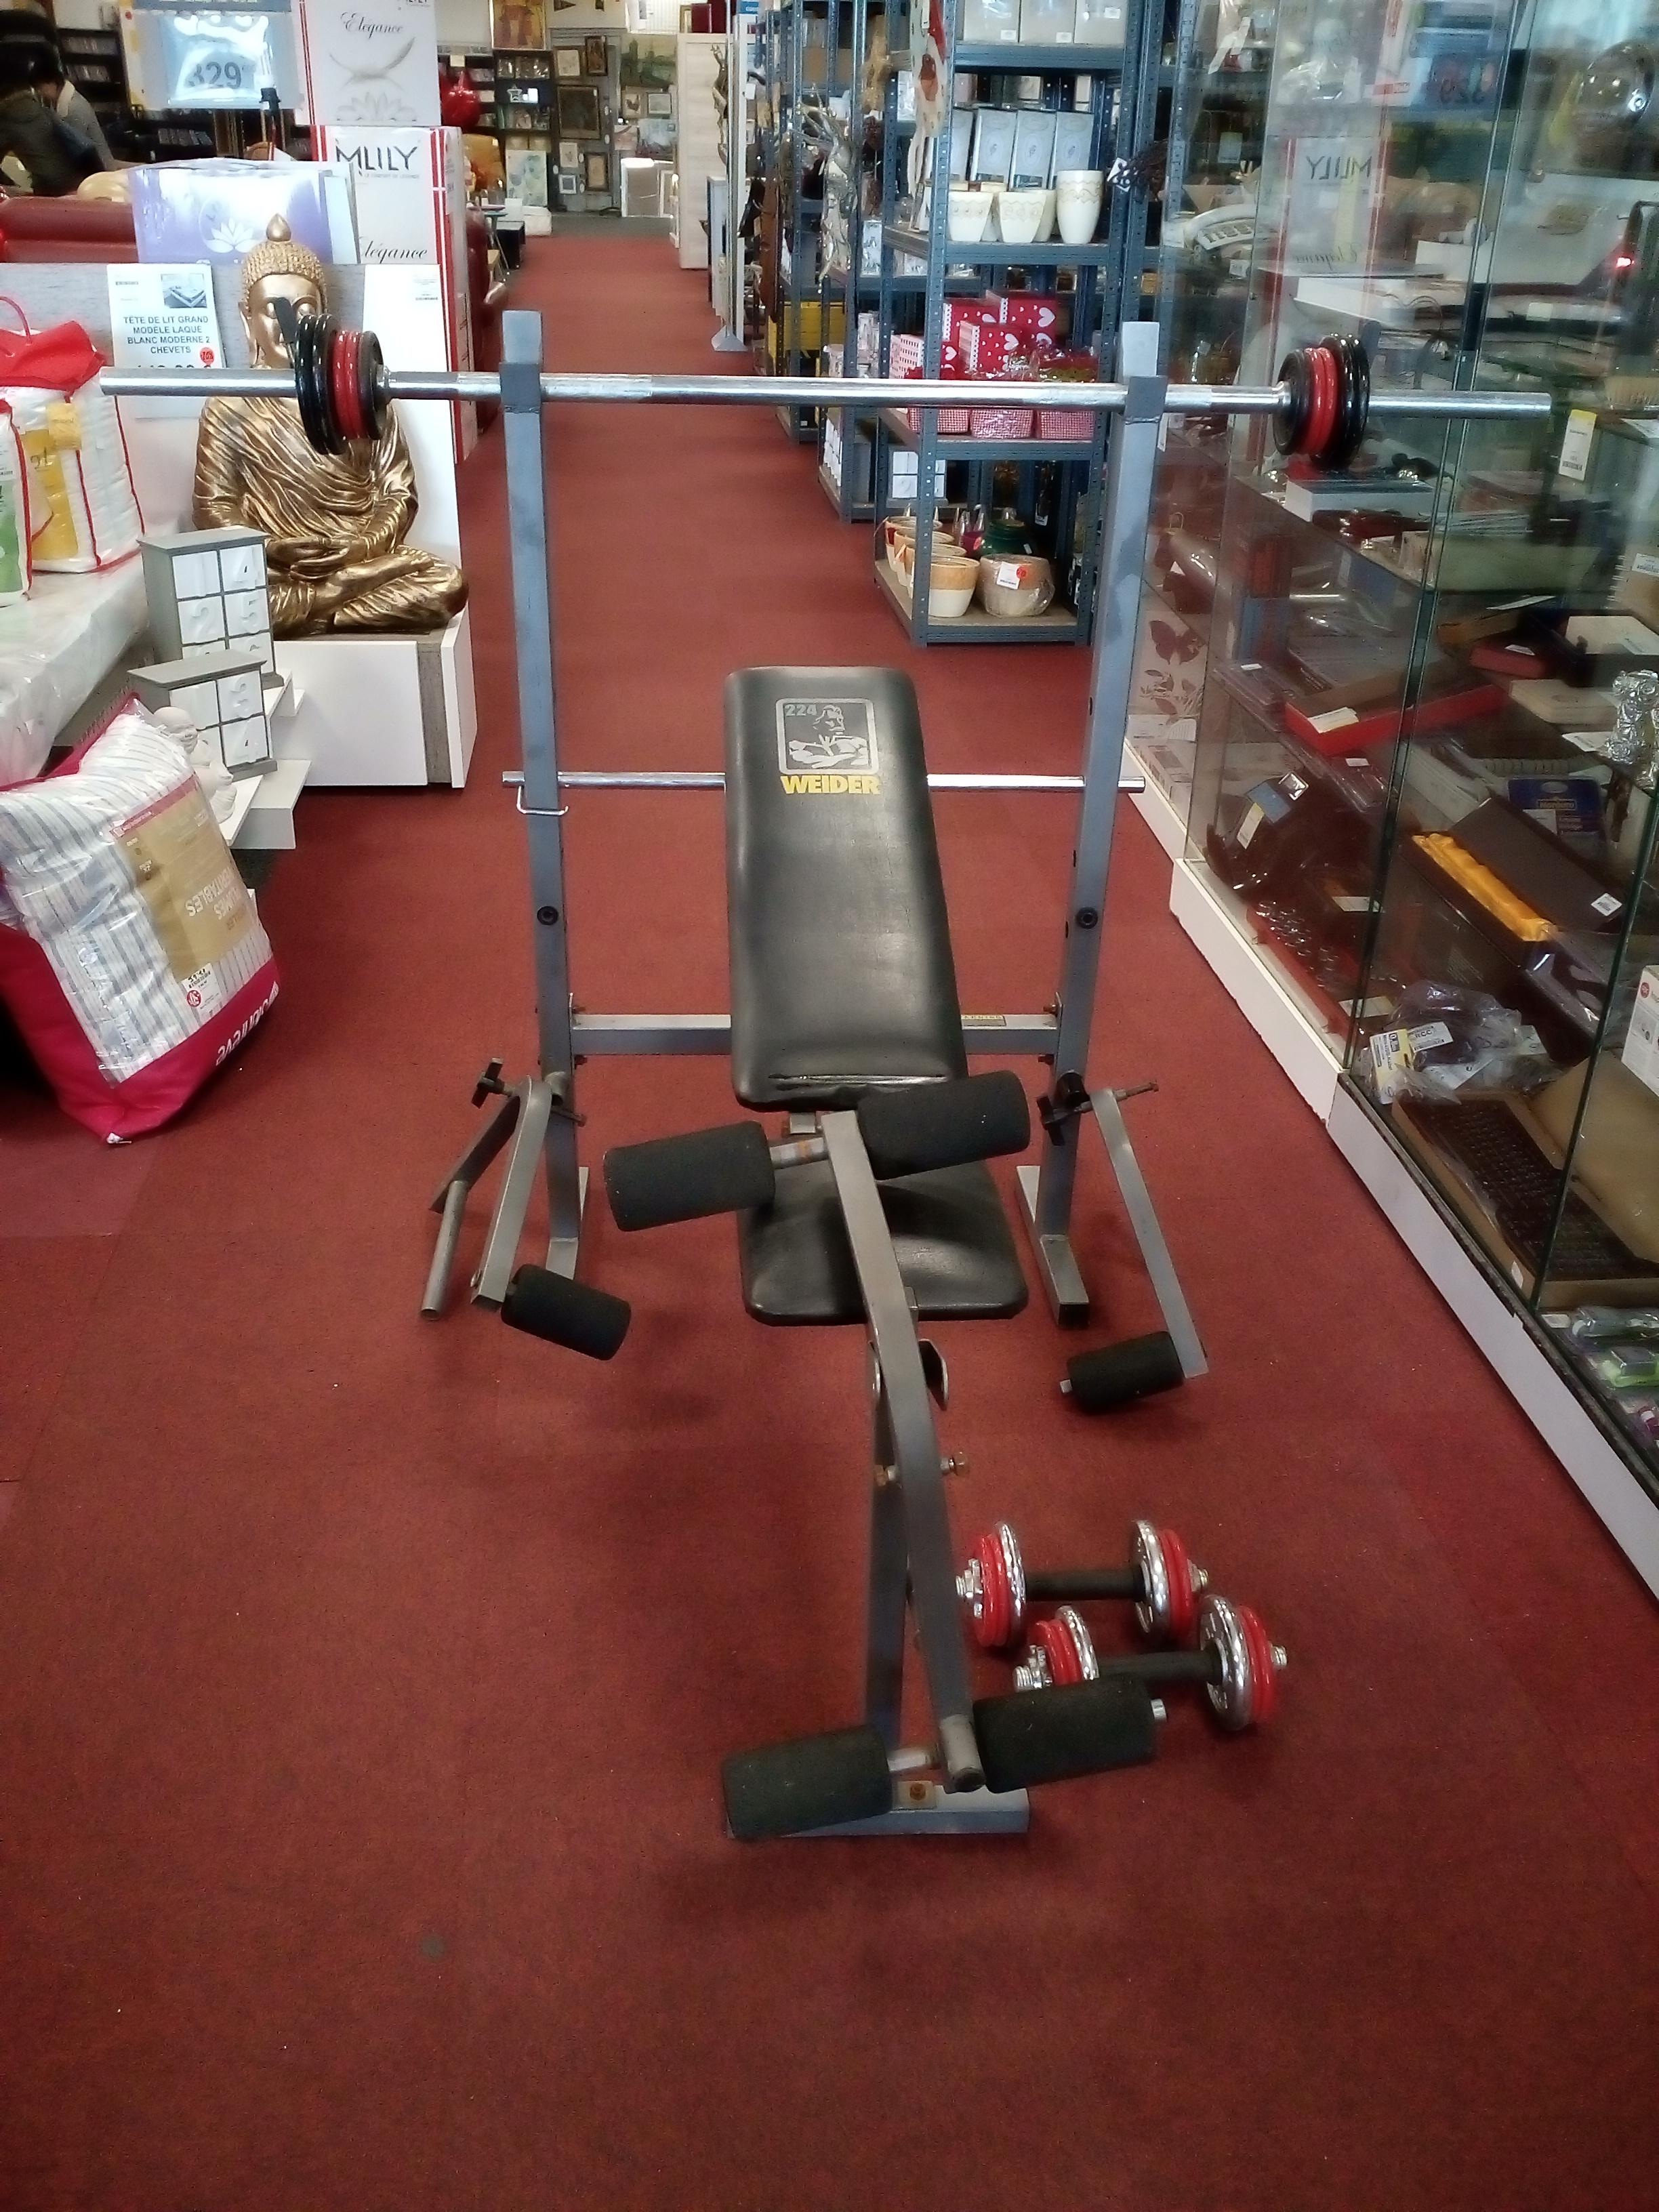 Banc de musculation accessoires occasion la cabane du troc - Banc de musculation complet occasion ...